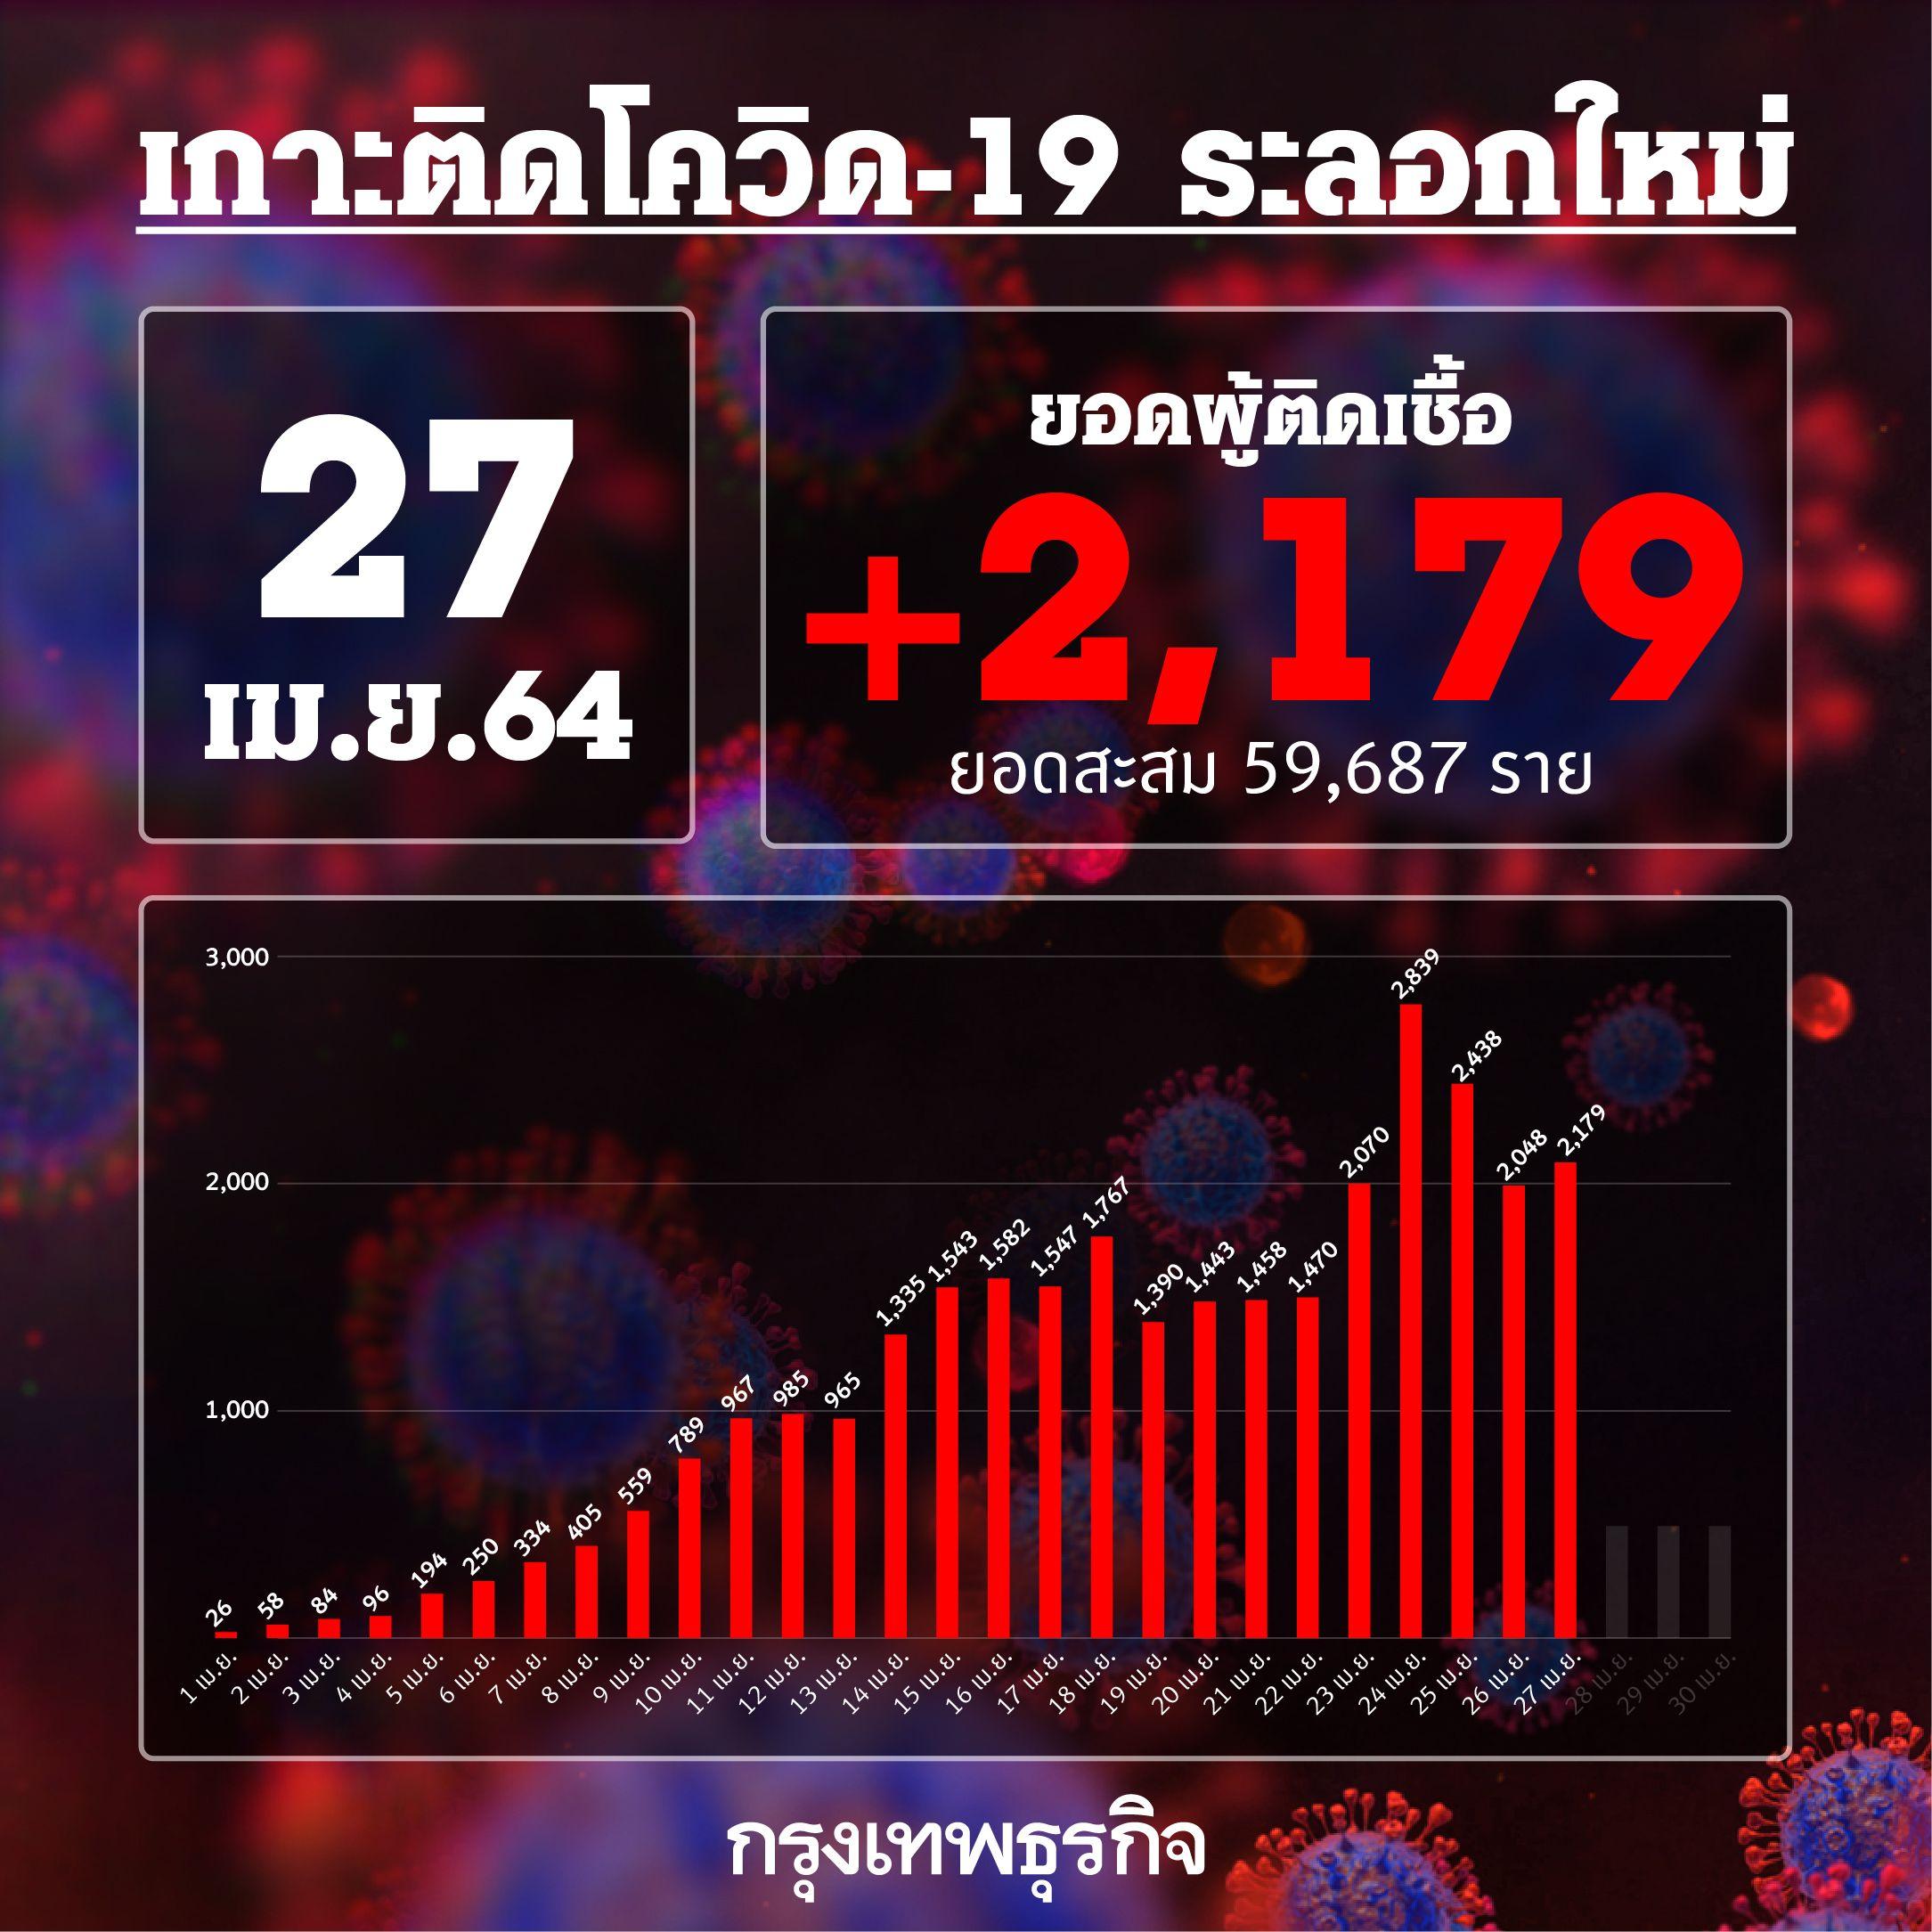 ยอด 'โควิด-19' วันนี้ ตายสูงถึง 15 ราย พบติดเชื้อเพิ่ม 2,179 ราย